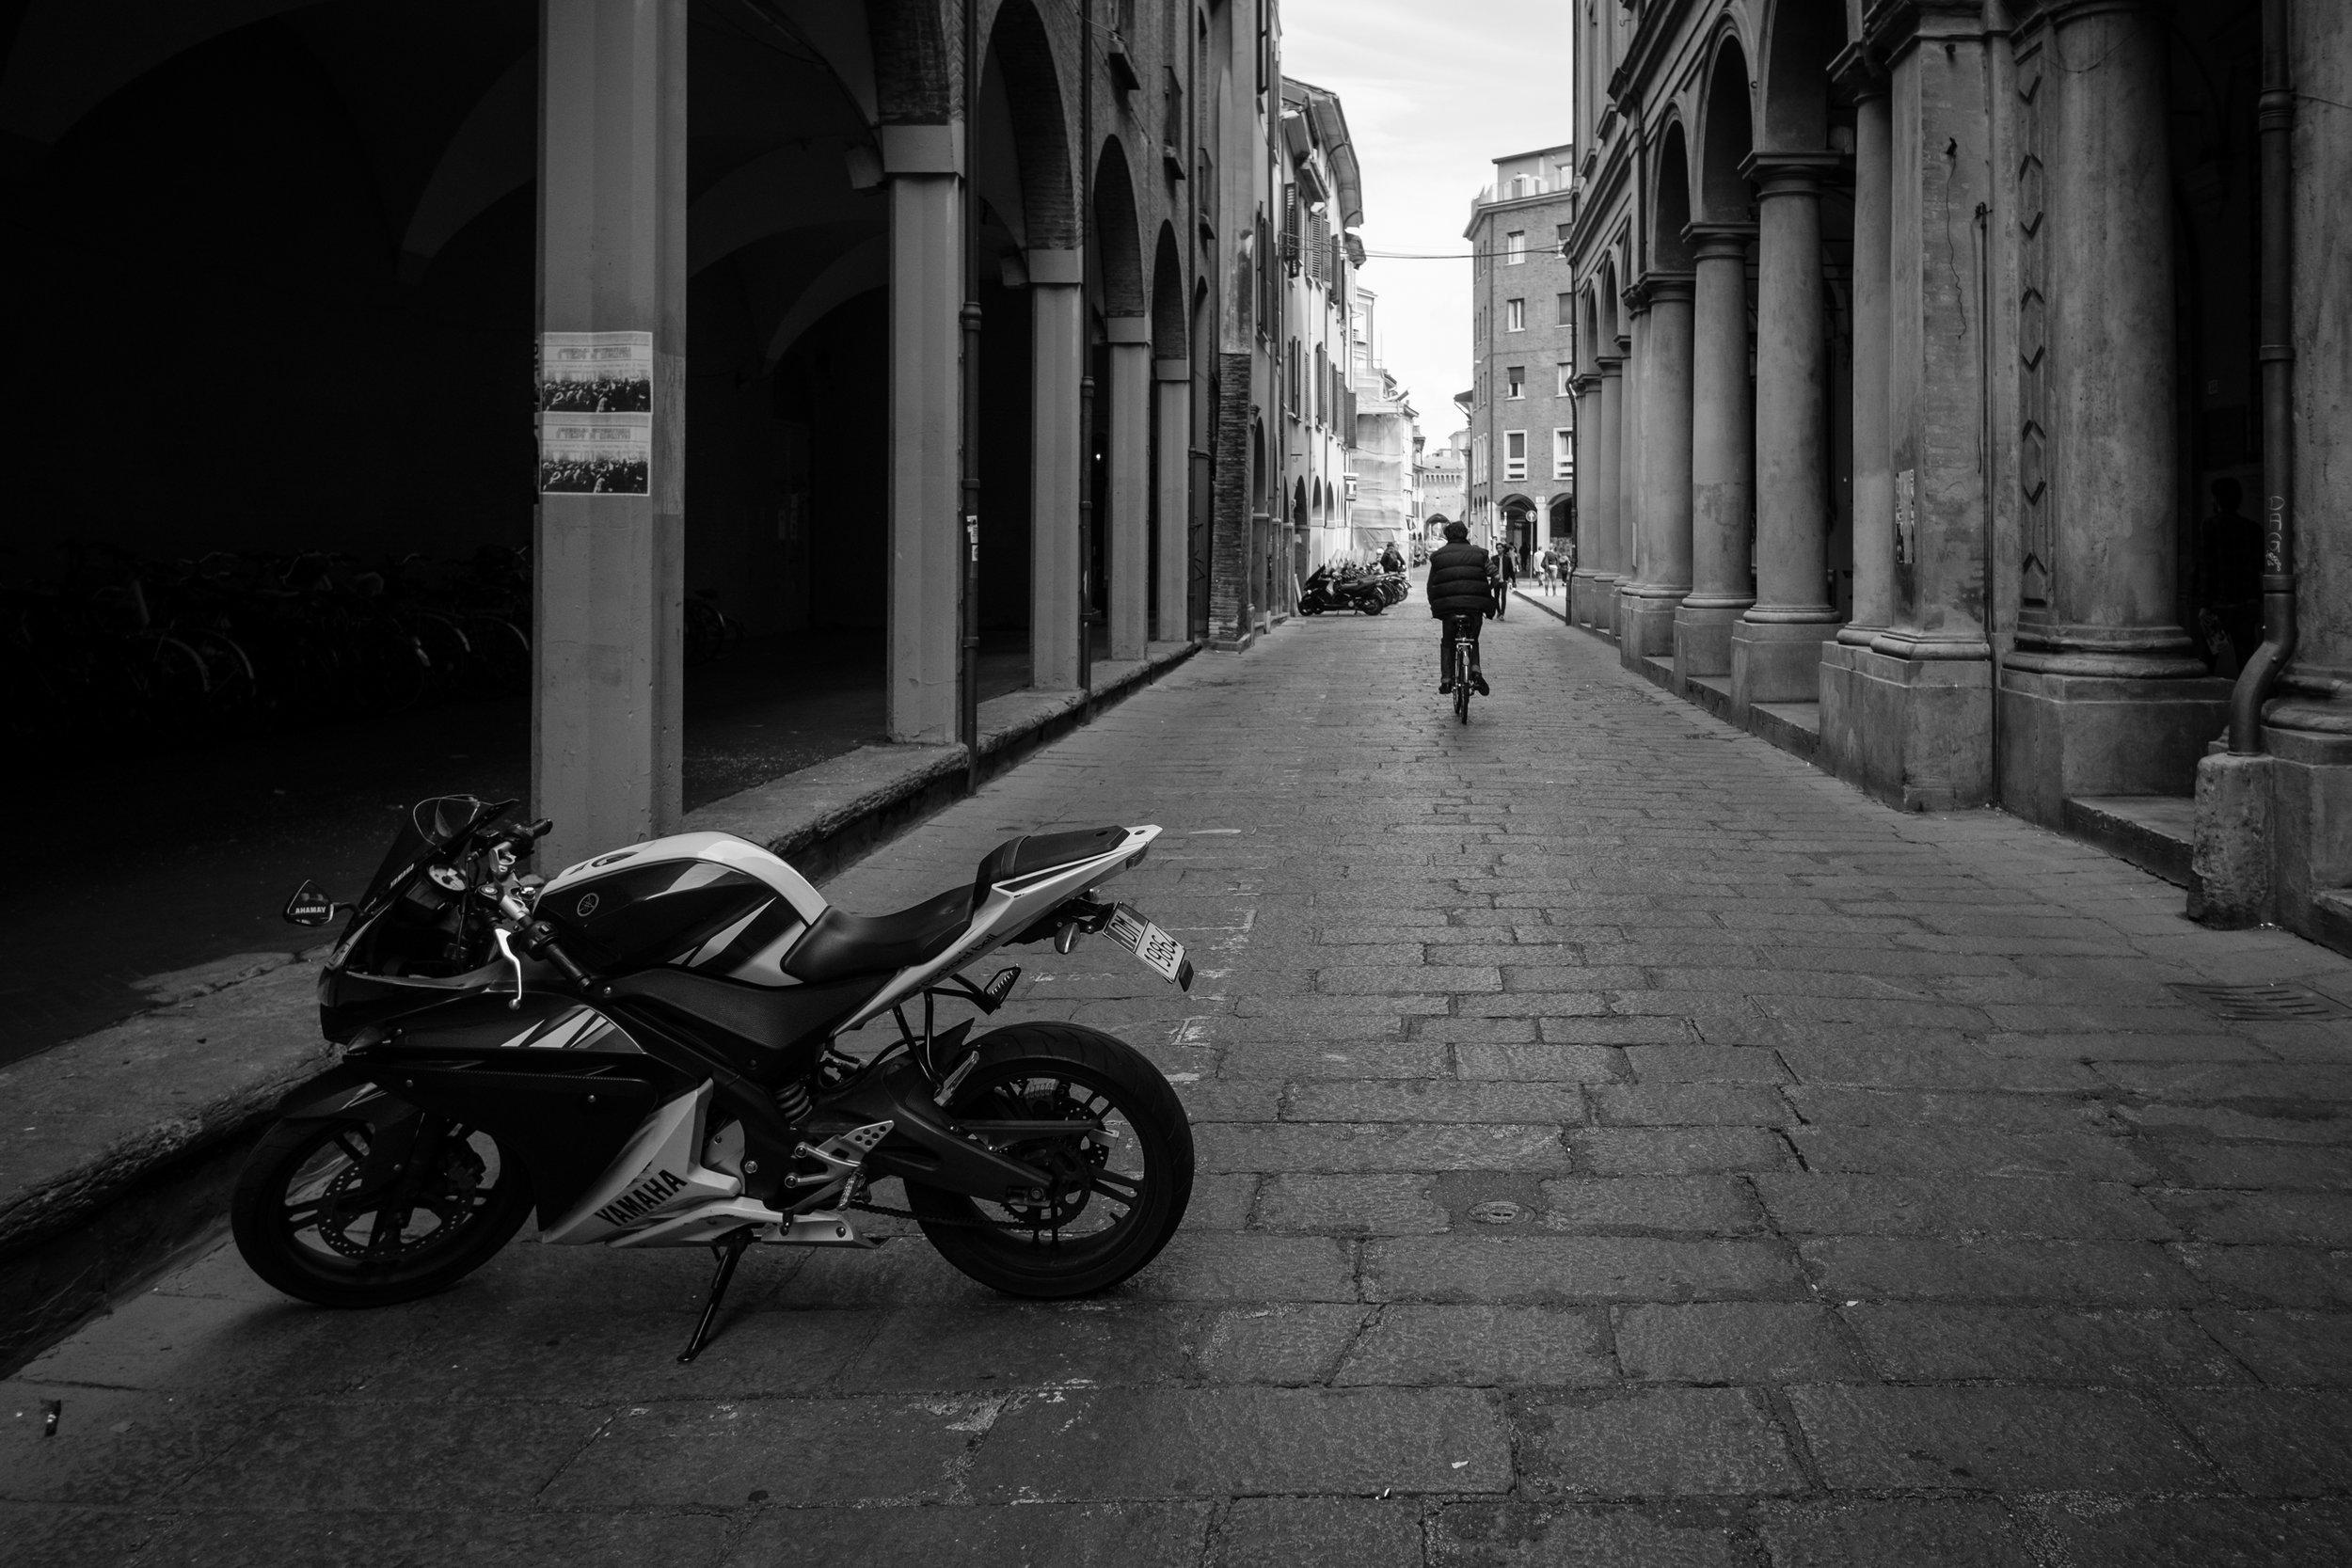 Bologna_DSCF1090.jpg